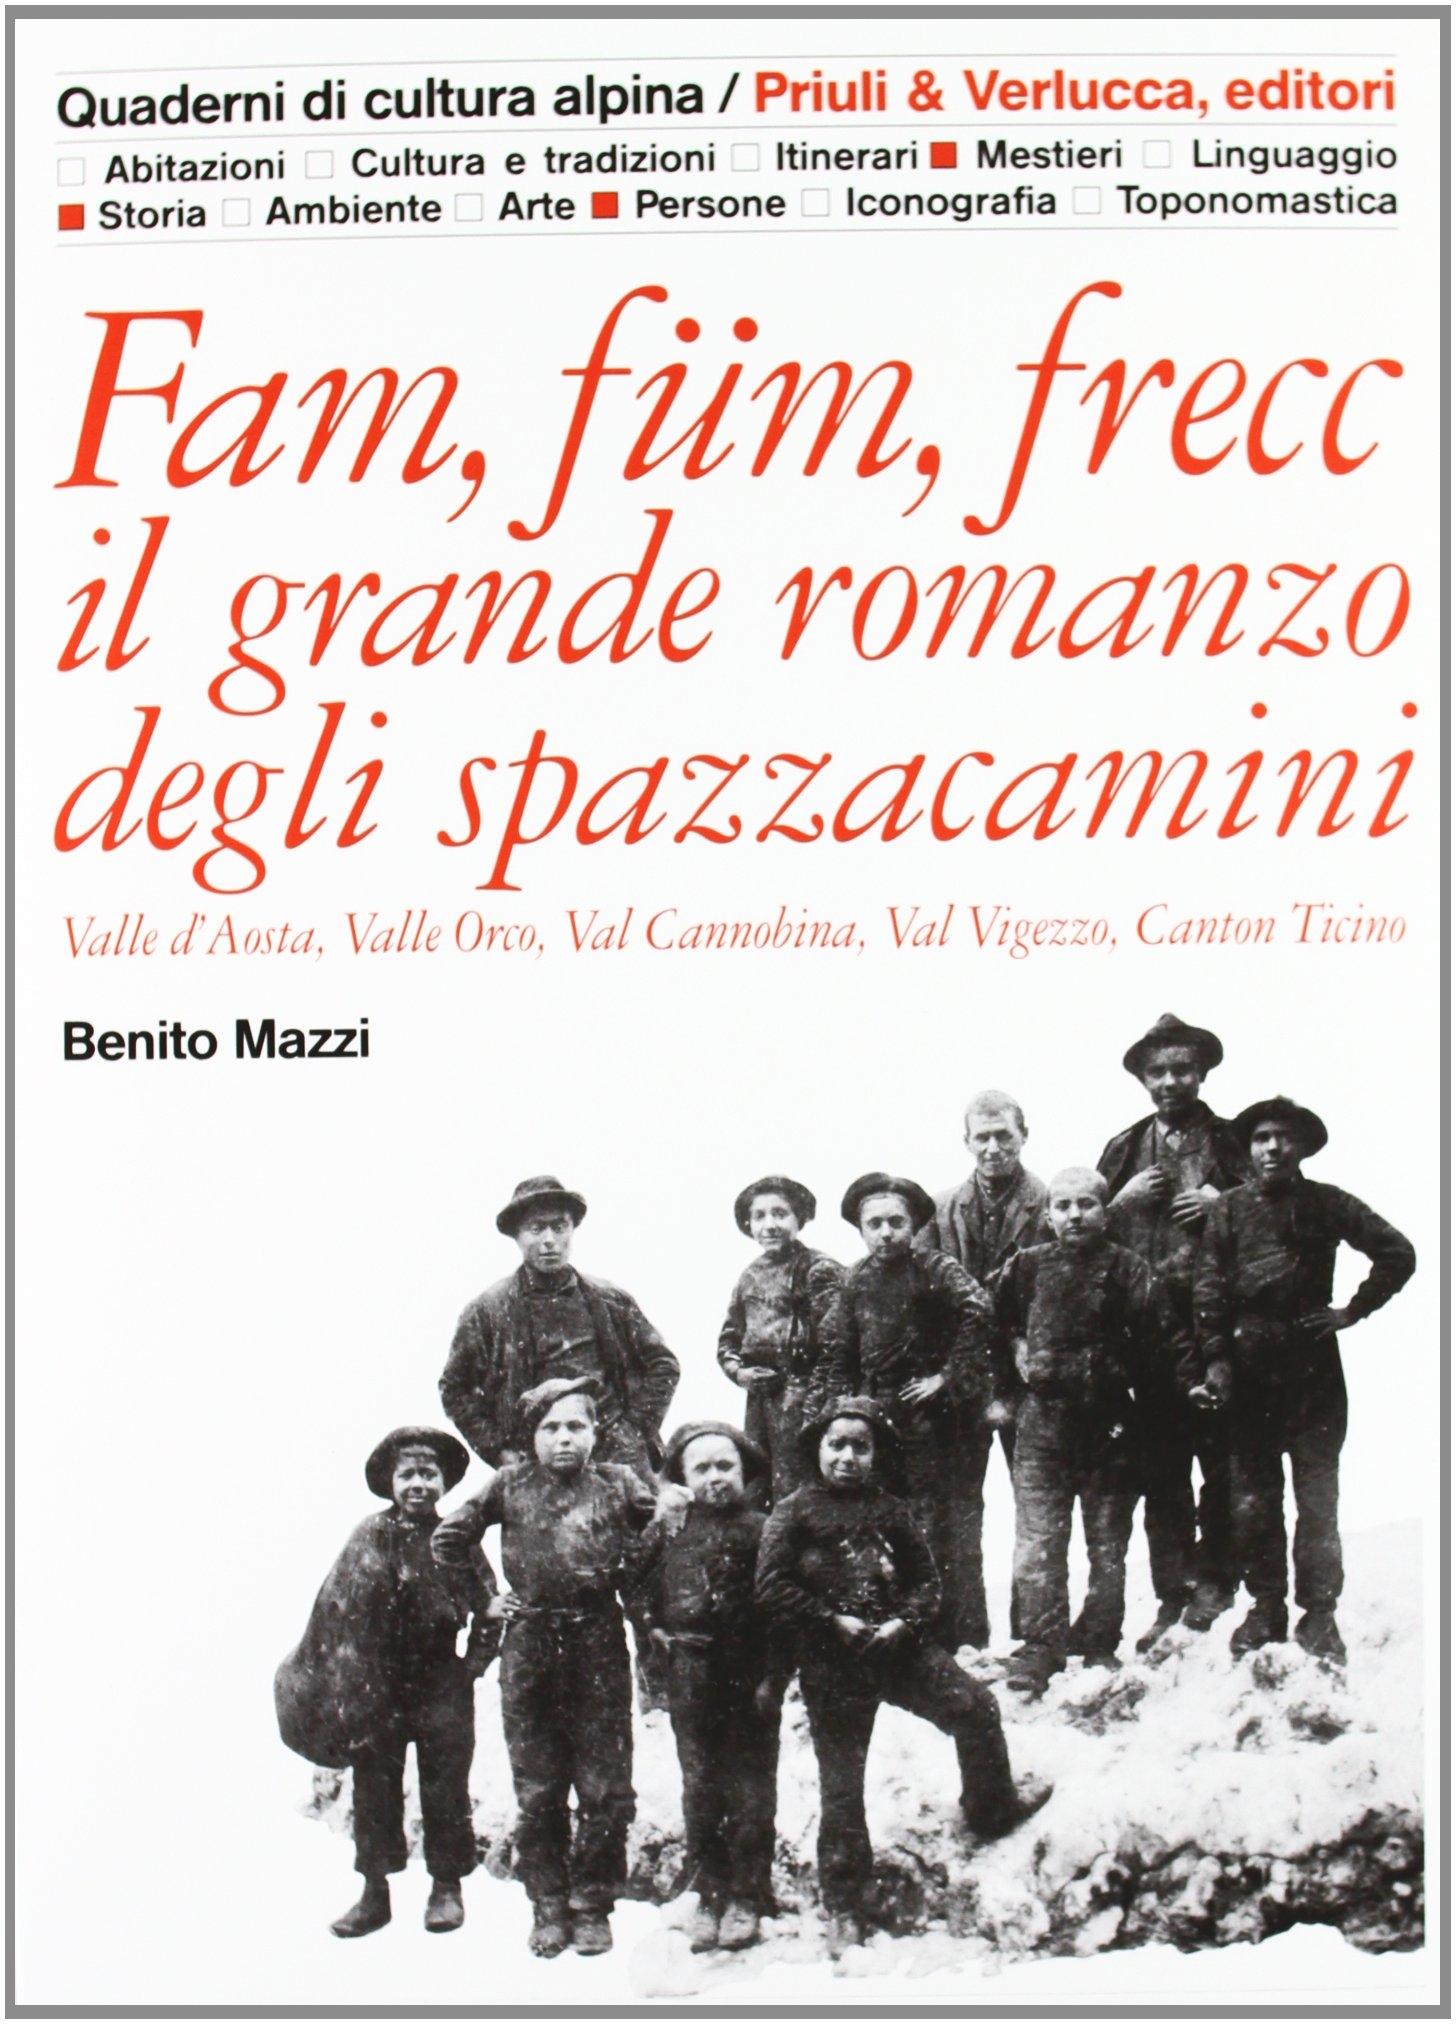 Fam, füm, frecc: il grande romanzo degli spazzacamini Valle d'Aosta, valle Orco, val Cannobina, val Vigezzo, Canton Ticino